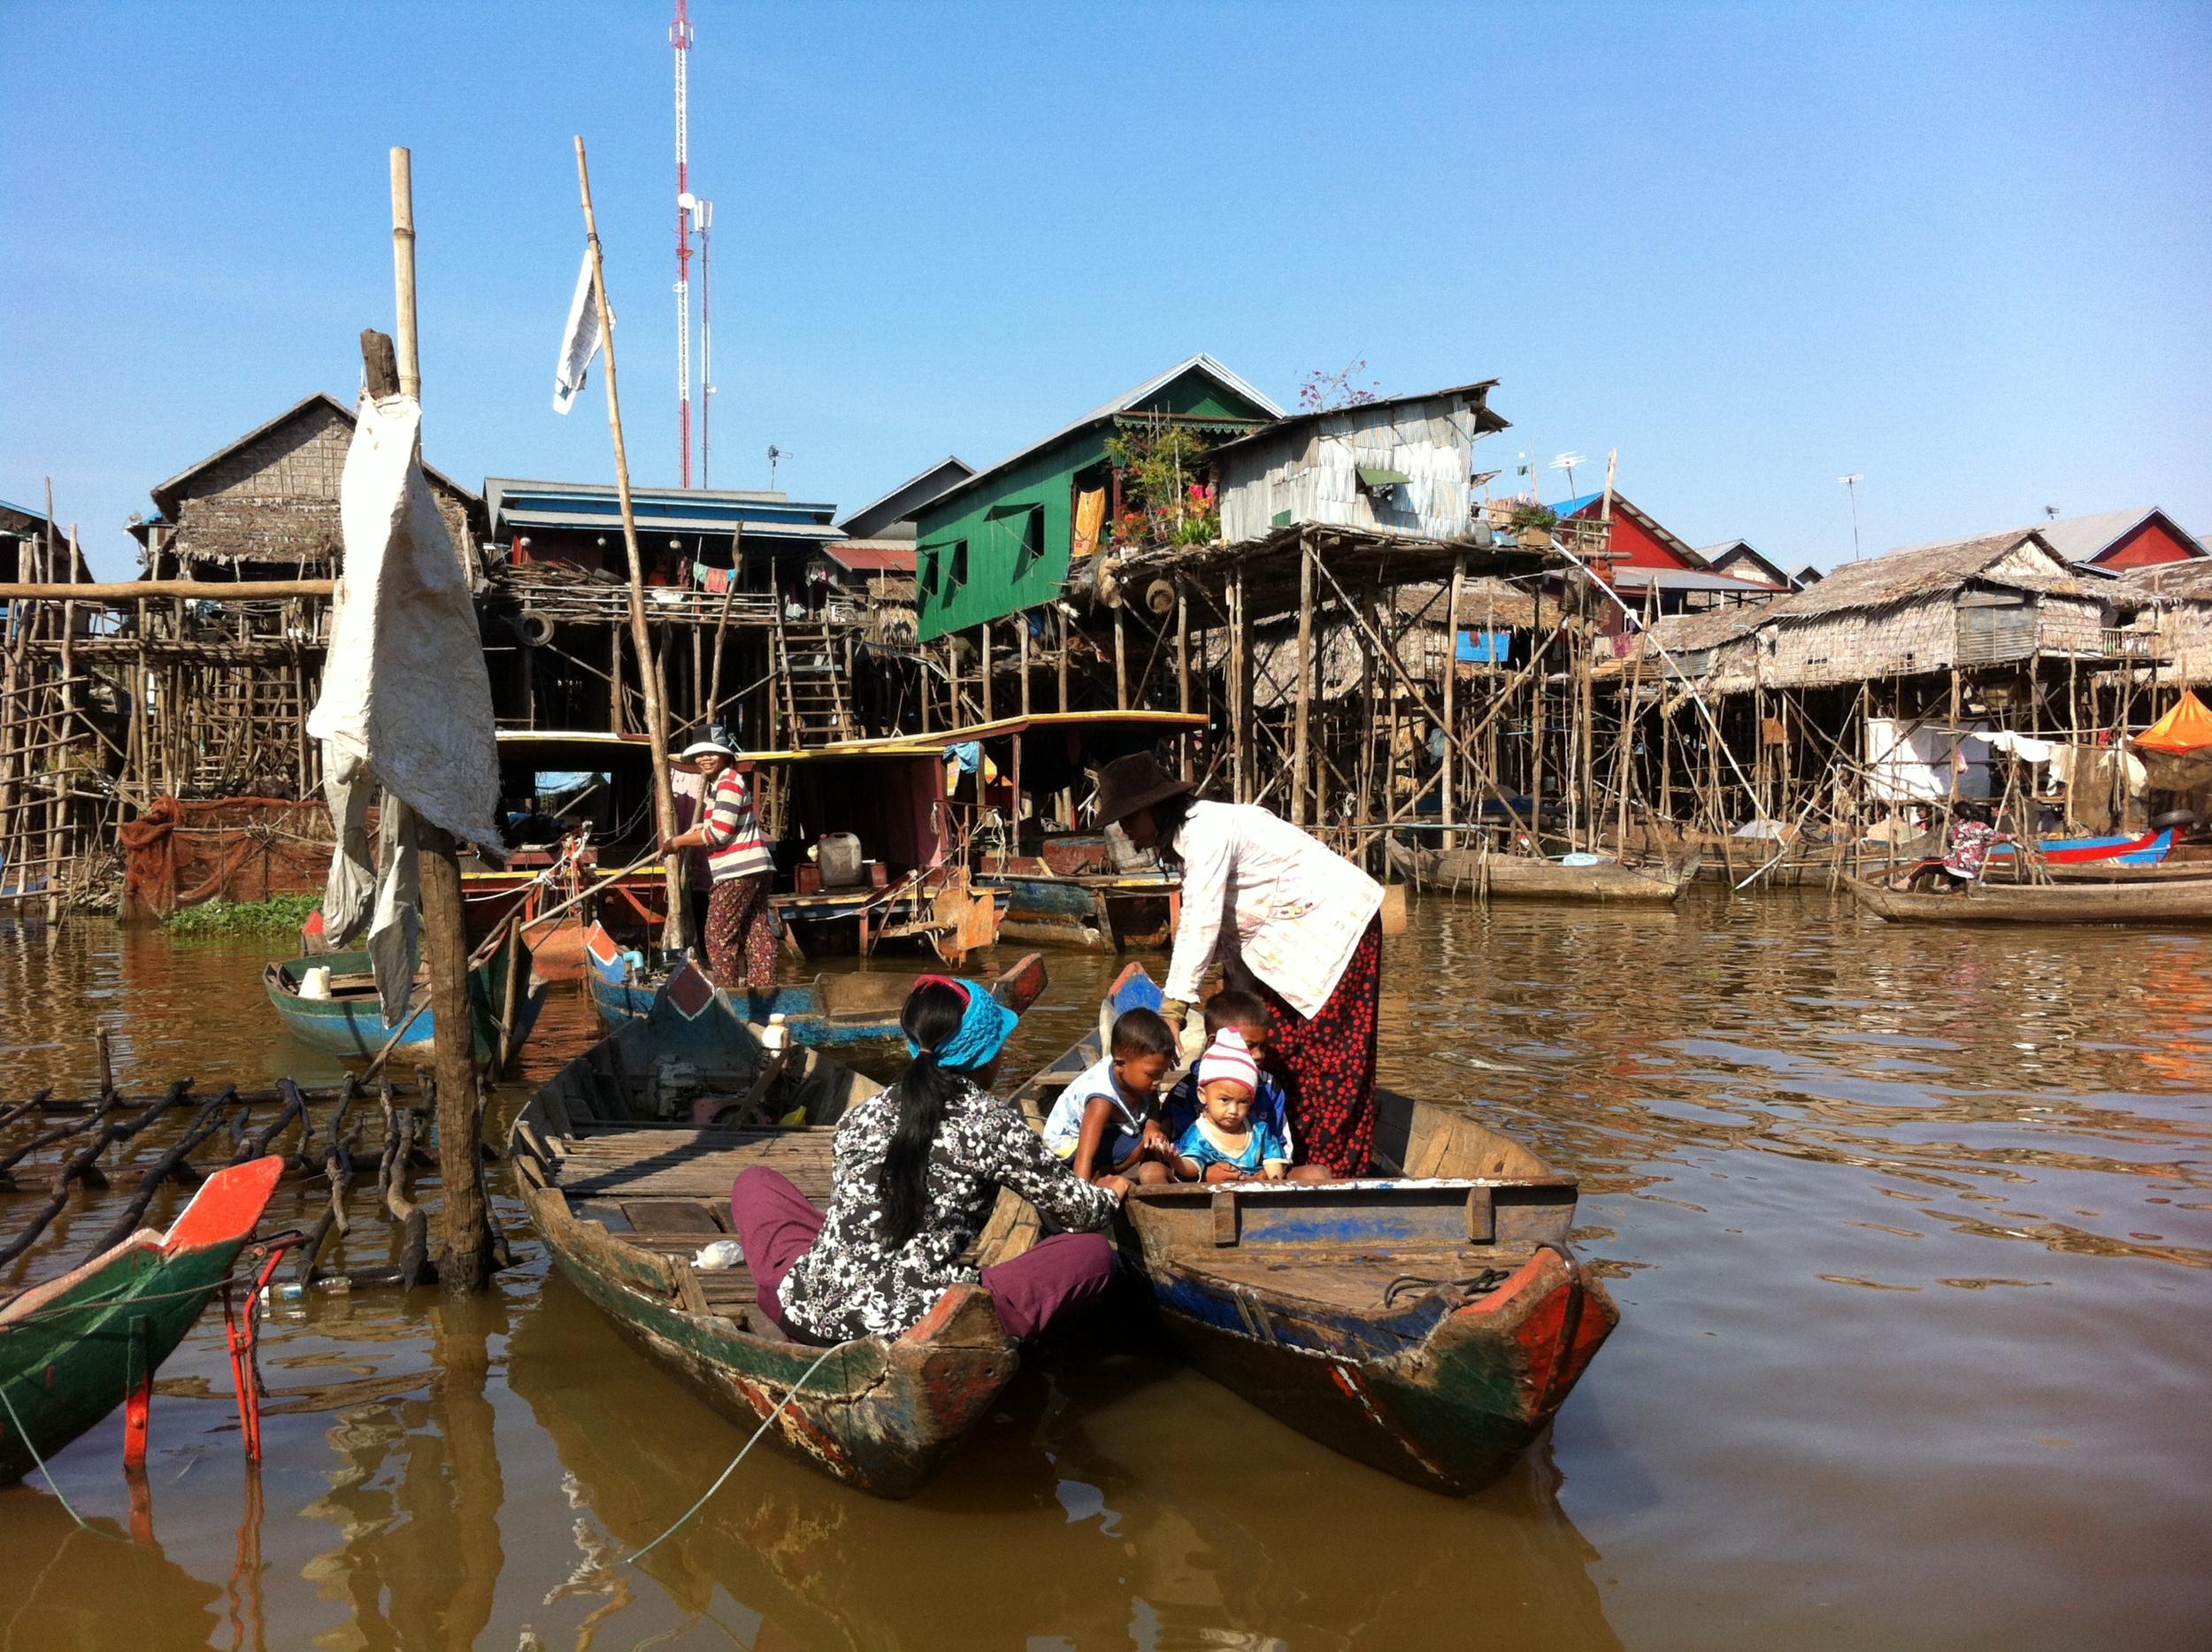 Kampong Phluk floating village, Tonle Sap lake, Siem Reap province